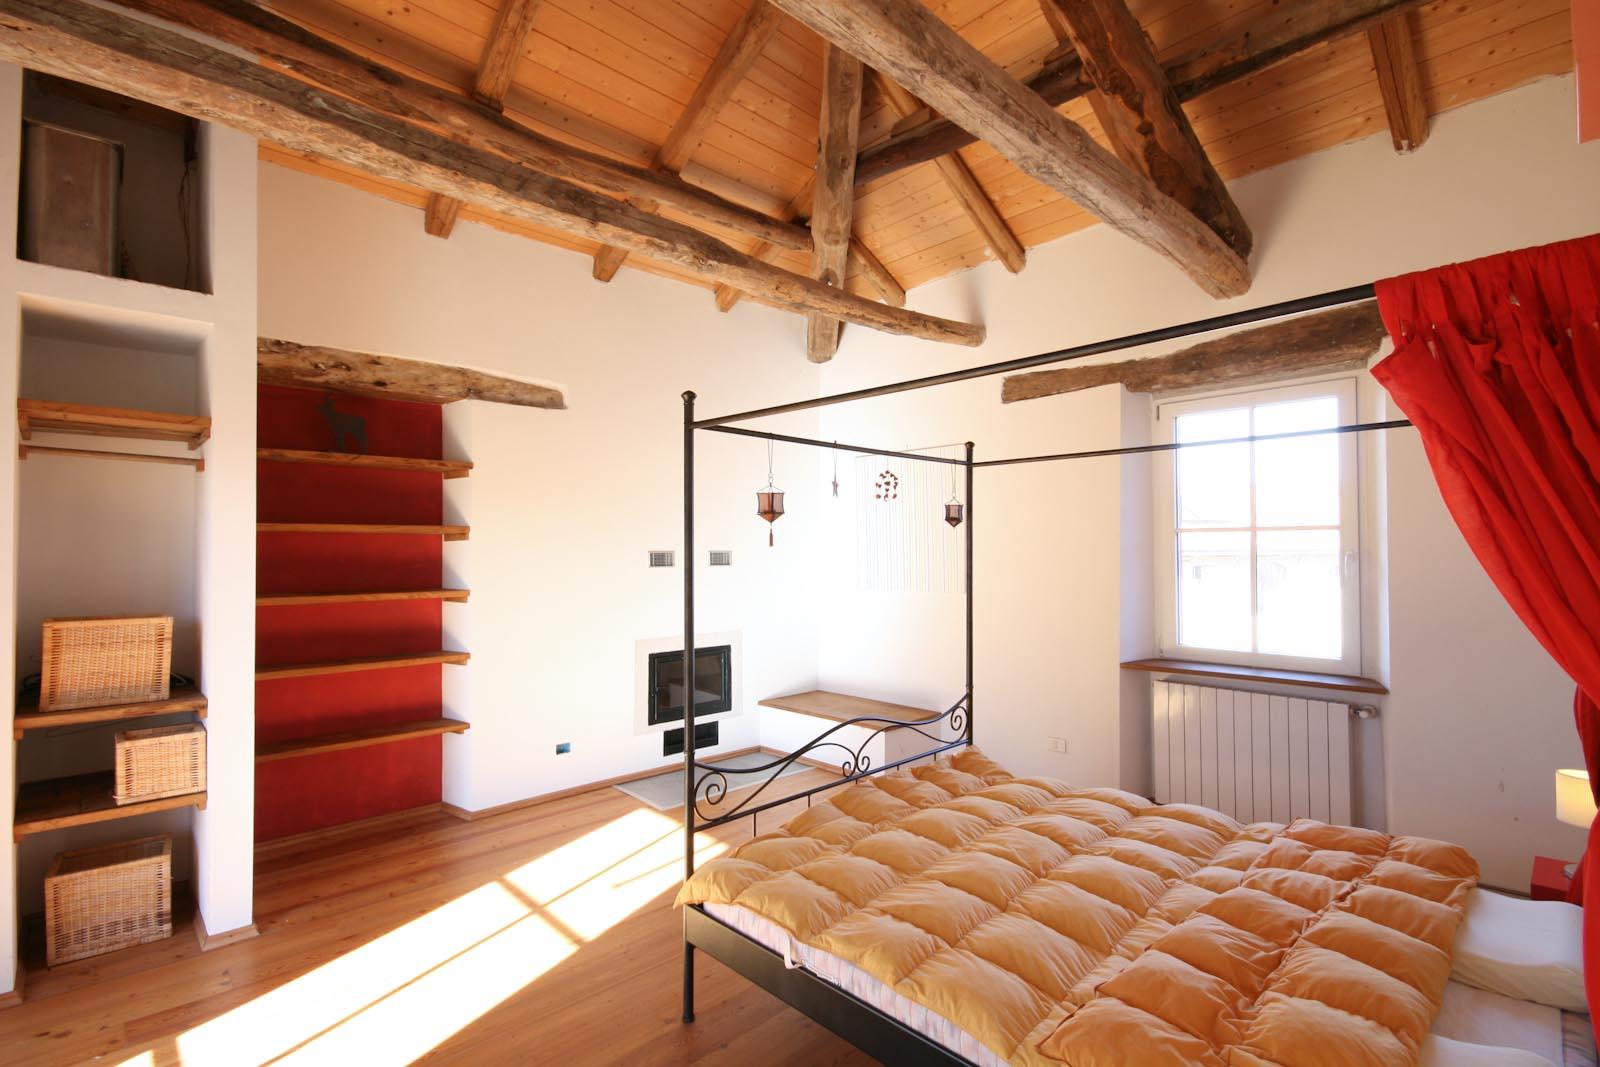 Lampadario stile barocco - Camere da letto moderne prezzi bassi ...